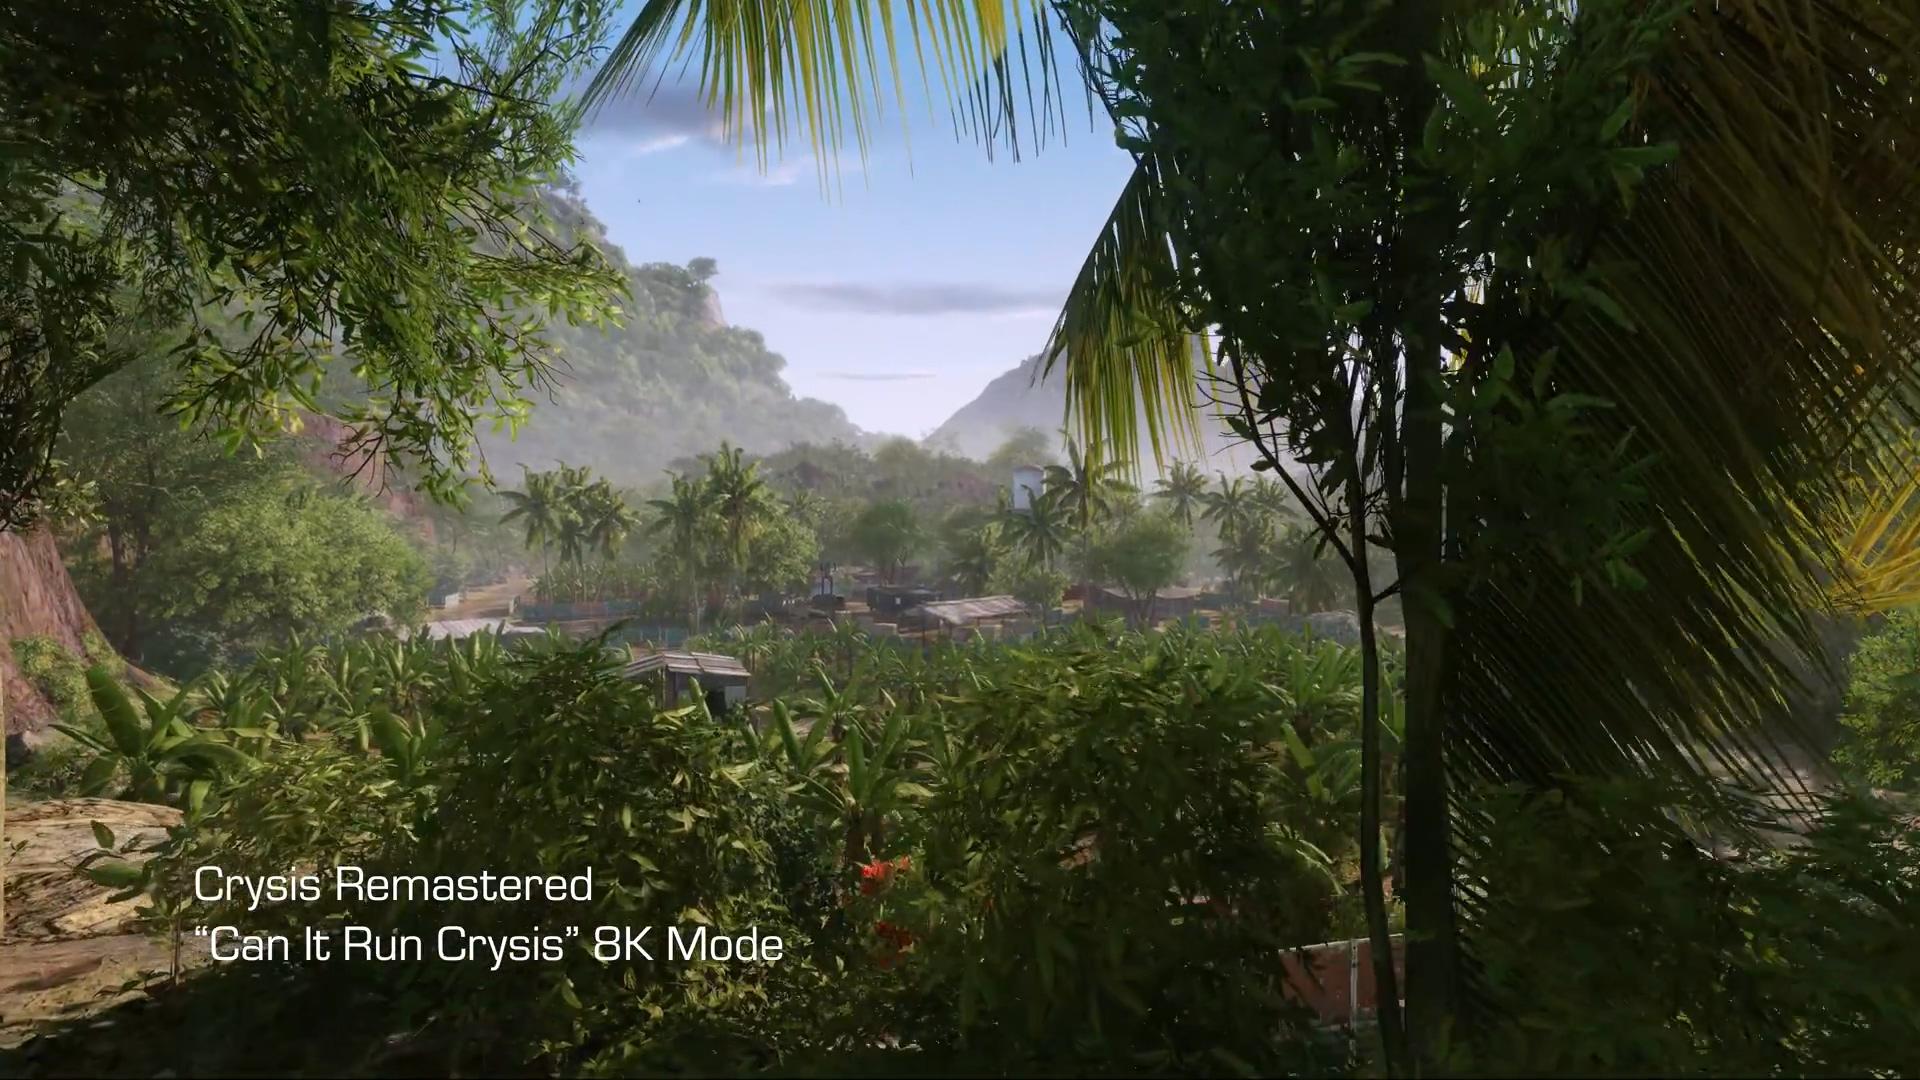 纤毫毕现!Crytek发布《孤岛危机:重制版》8K预告